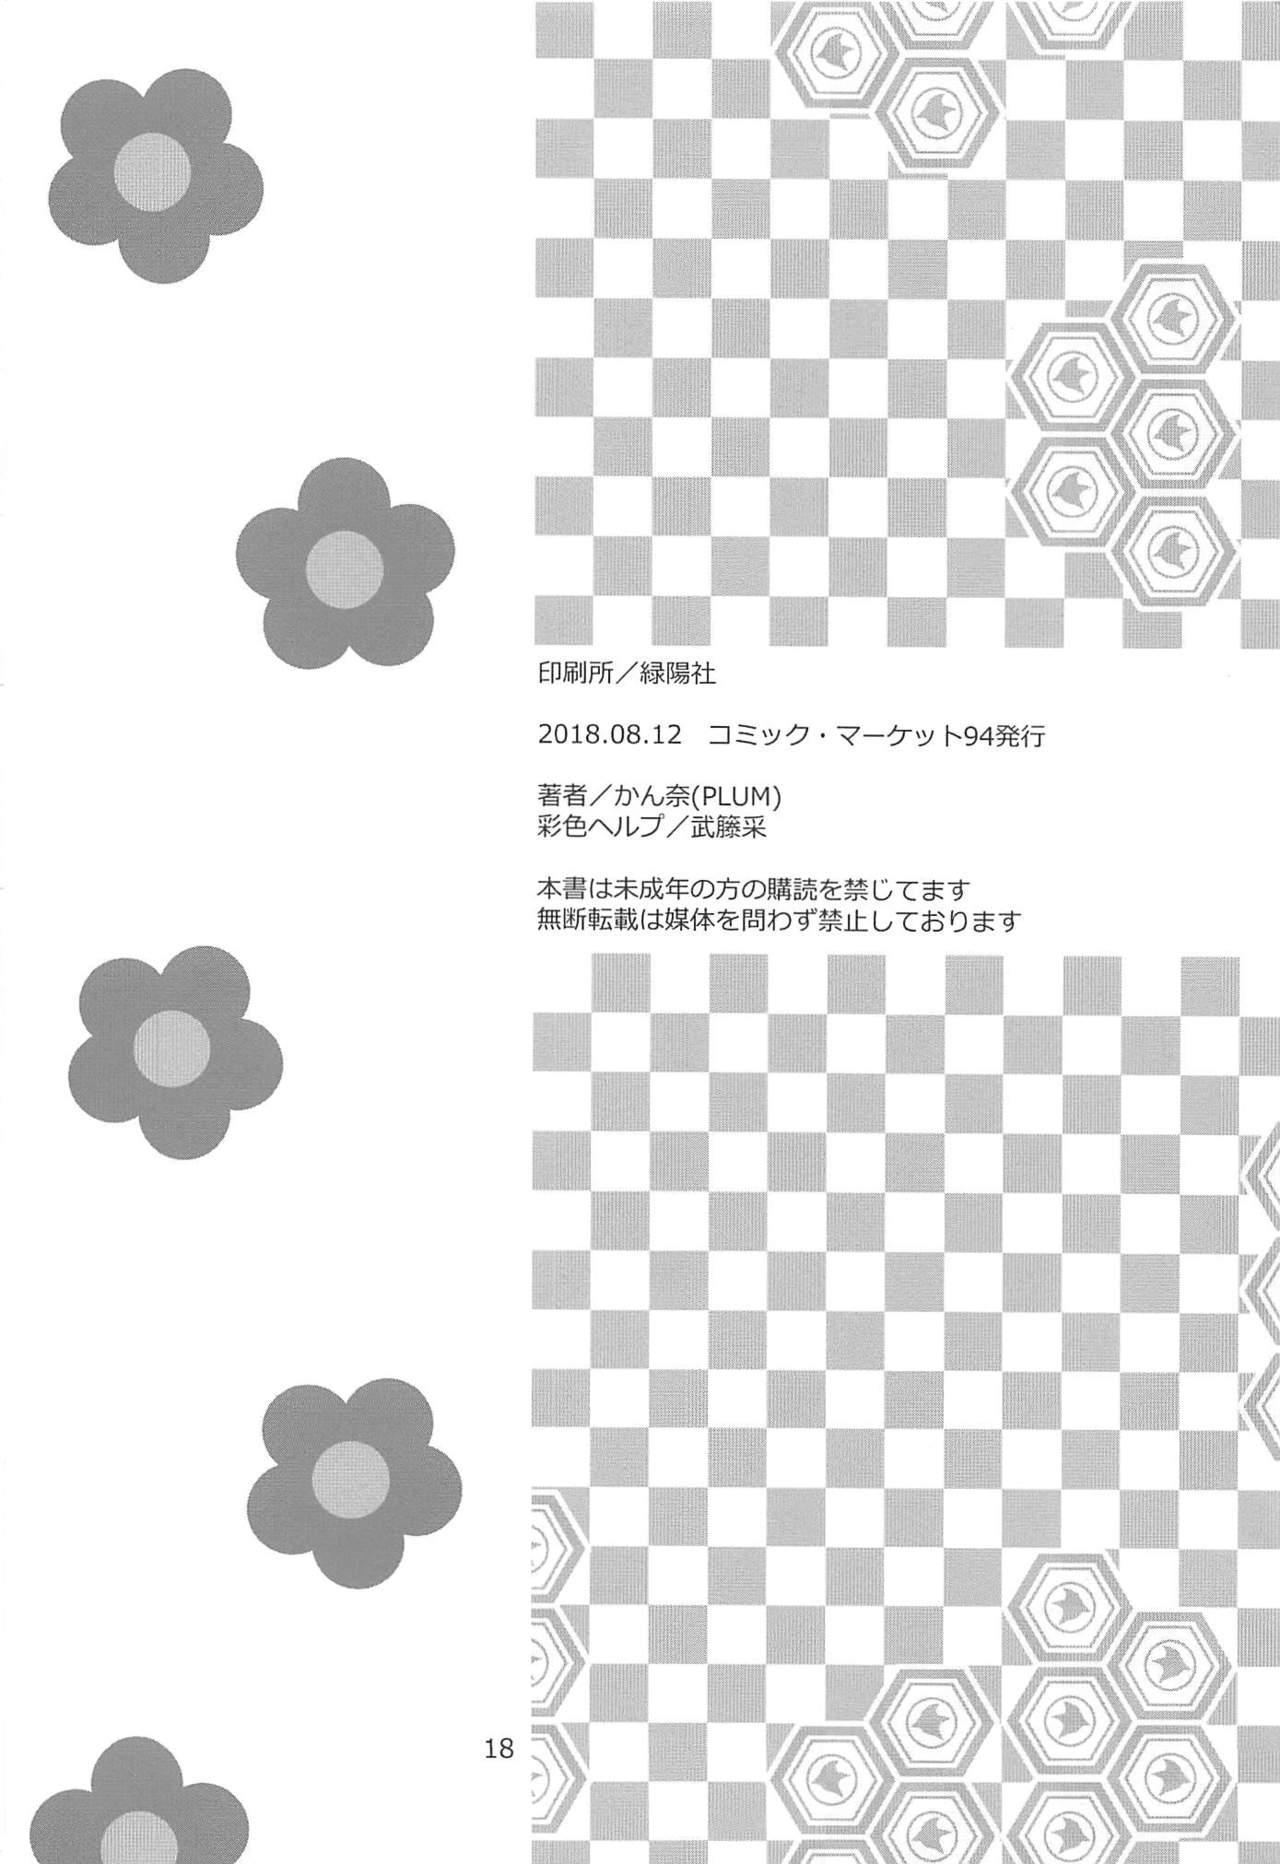 Gepparou GO Vol. 3 16